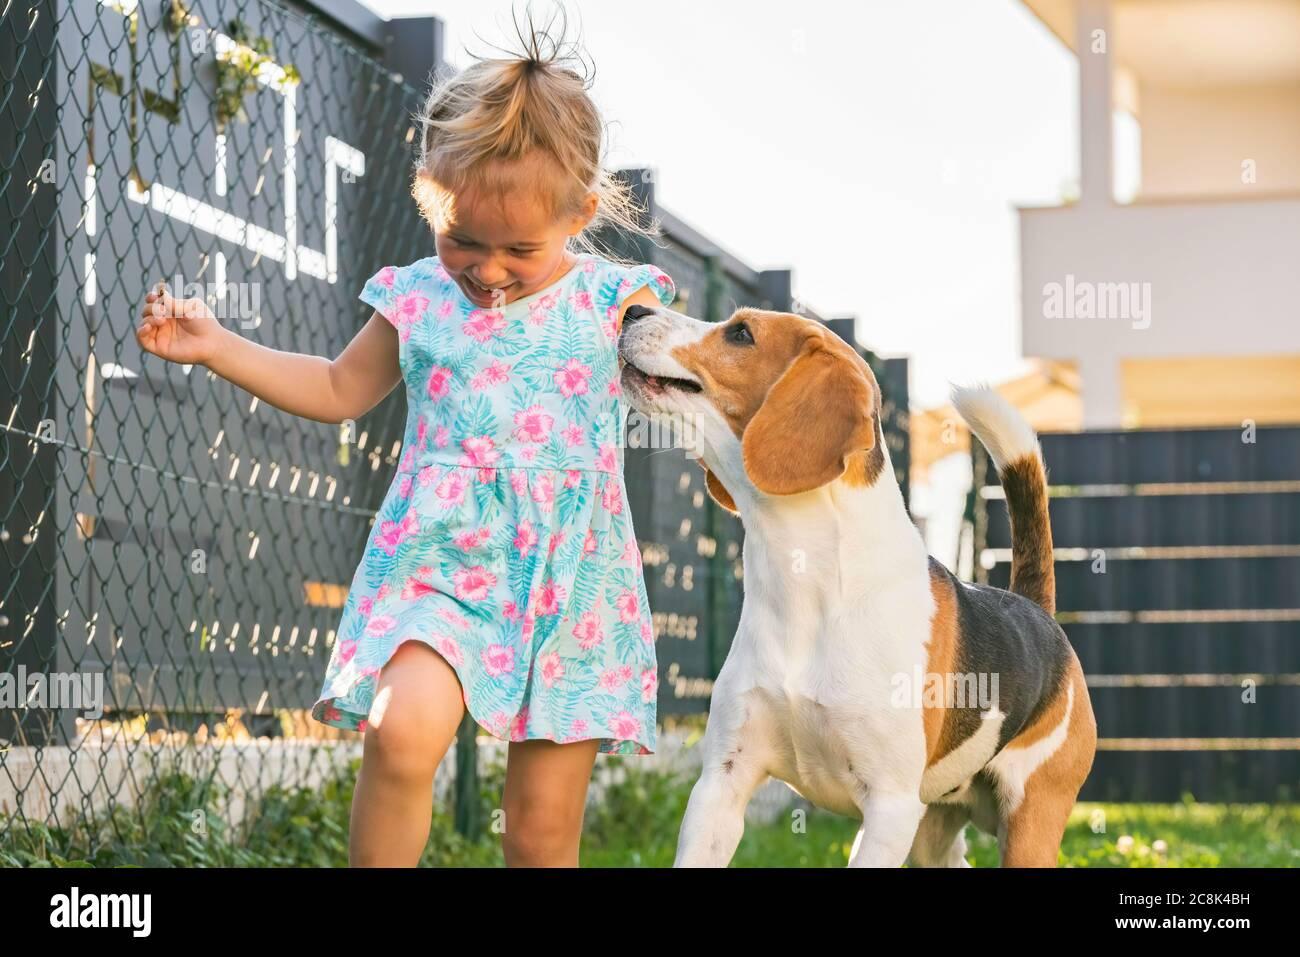 Petite fille qui court avec un chien de beagle dans la cour en été. Concept animal domestique avec enfants. Banque D'Images